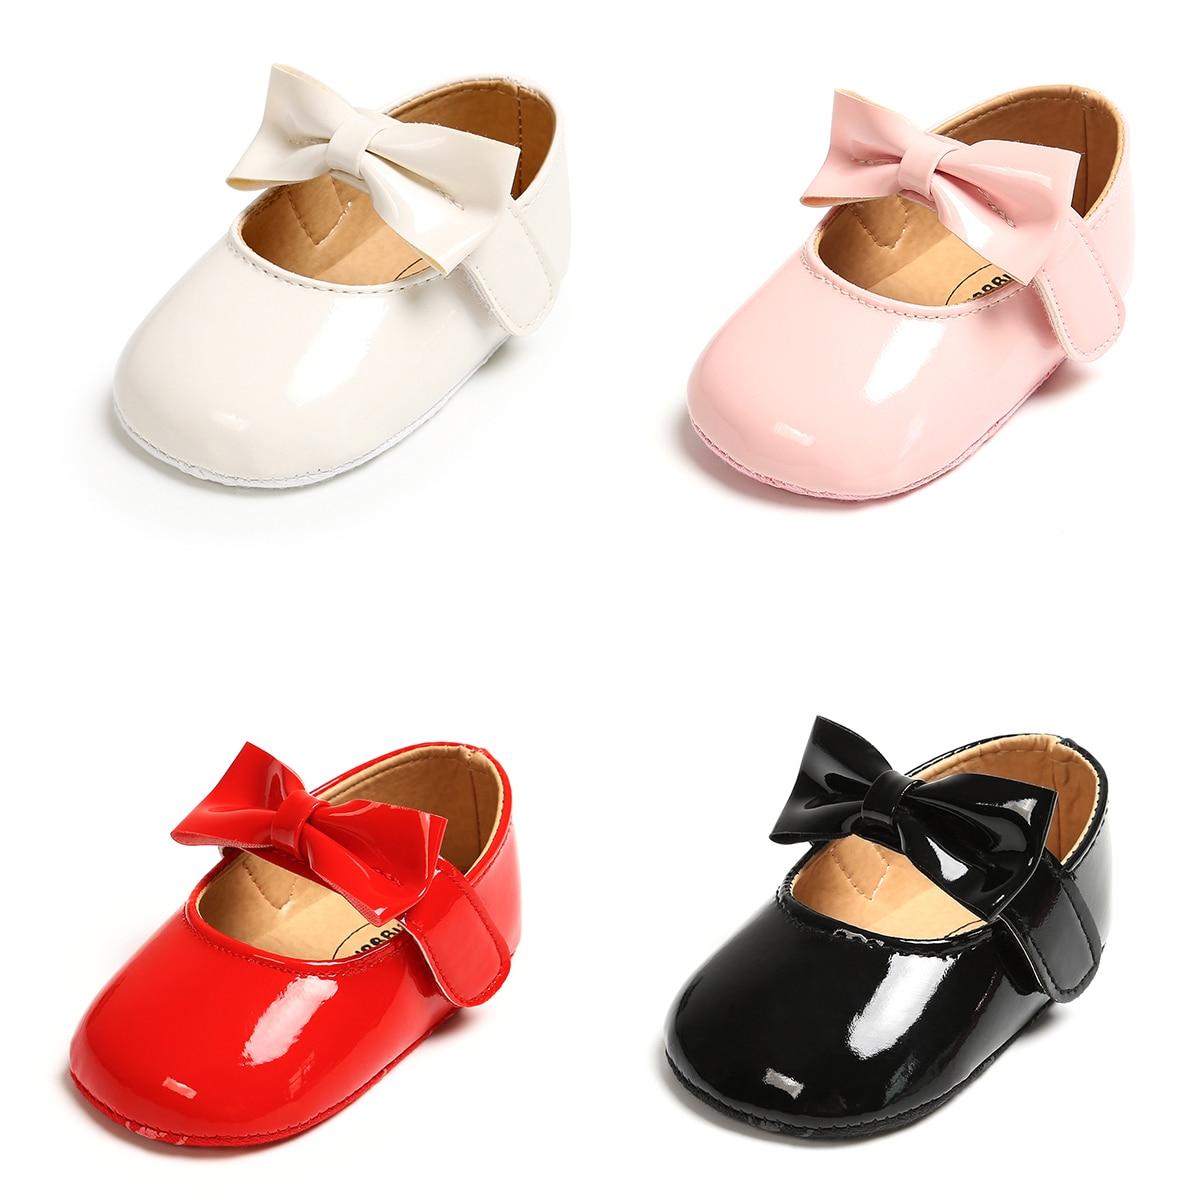 Nouveau-né bébé filles chaussures boucle en cuir synthétique polyuréthane premiers marcheurs avec noeud rouge noir rose blanc doux semelle antidérapante chaussures de berceau